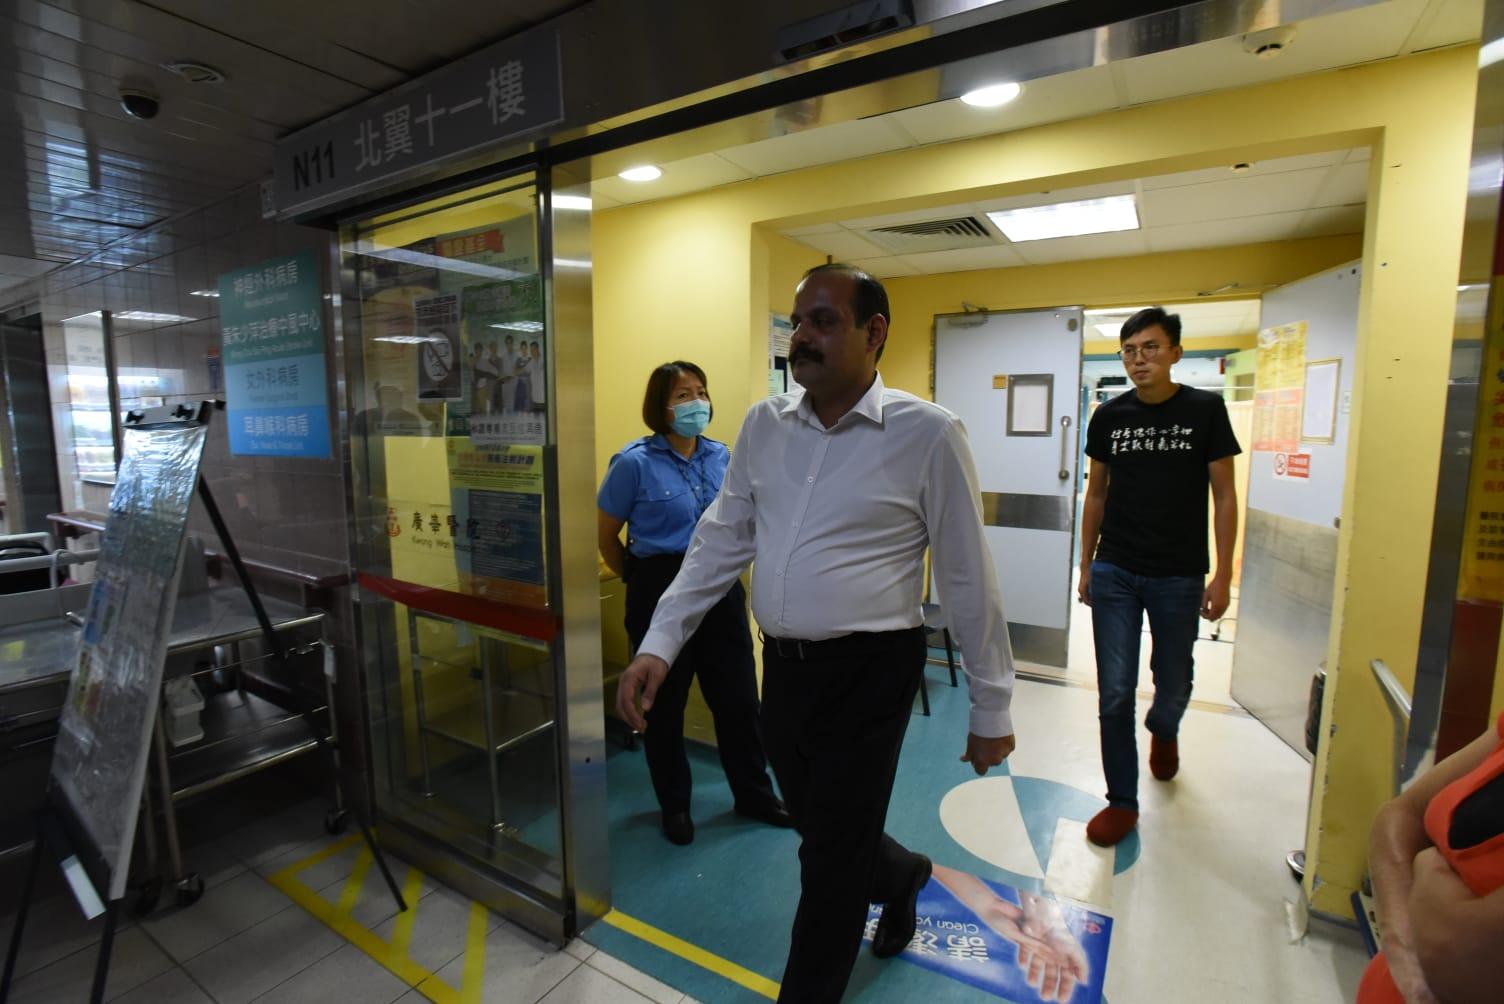 多名南亞人士到醫院探望。